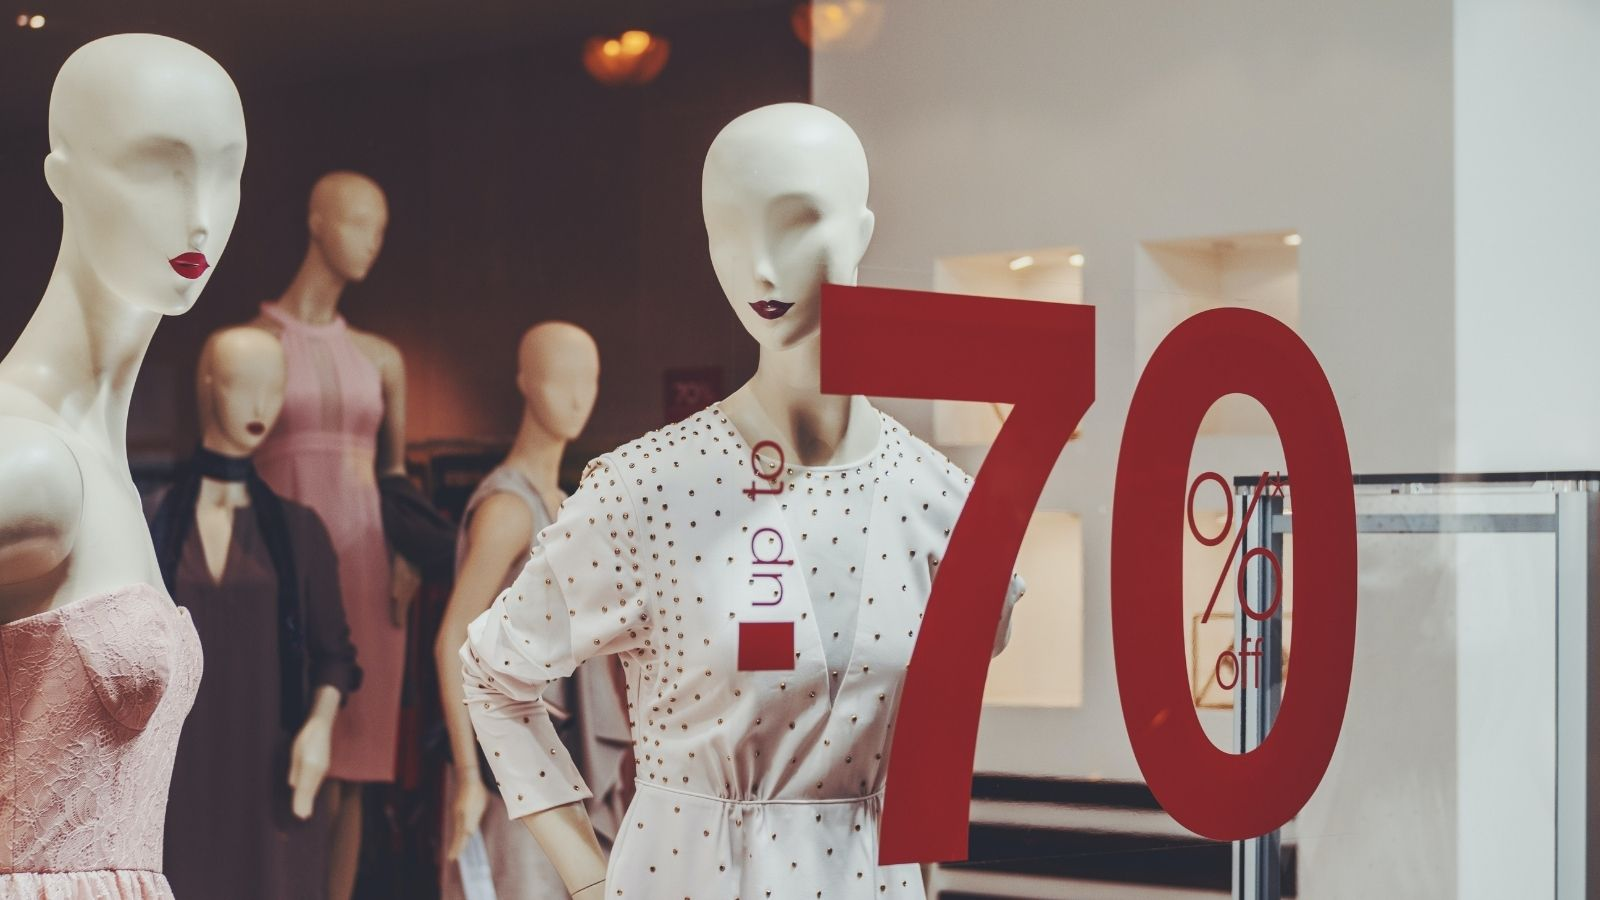 Czy promocje w polskich sklepach są skuteczne? [RAPORT] Retail mediarun sale